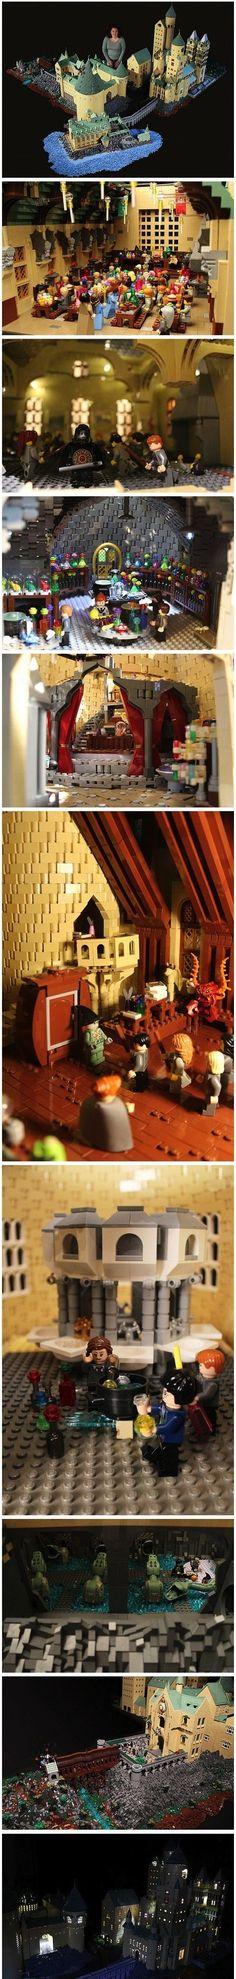 Ein Jahr, 400.000 Legosteine und fertig ist das Hogwarts Duplikat